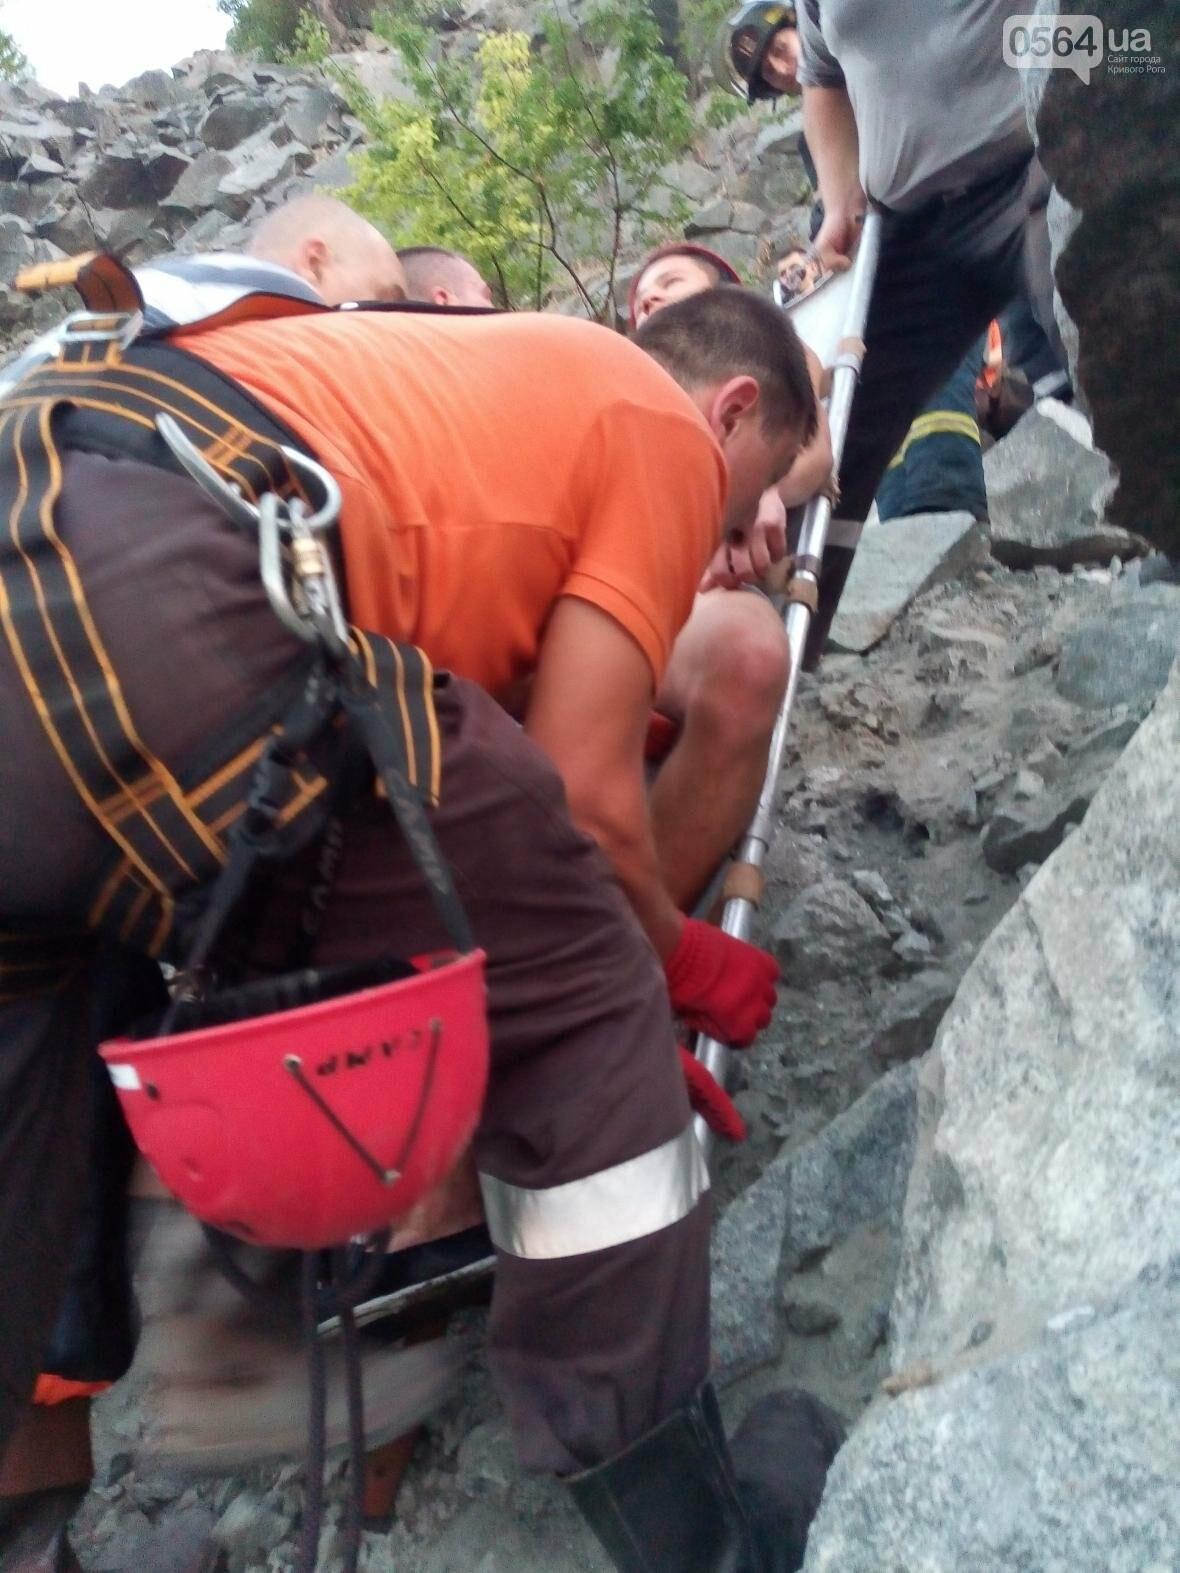 Криворожанин не смог самостоятельно выбраться из затопленного карьера (ФОТО), фото-3